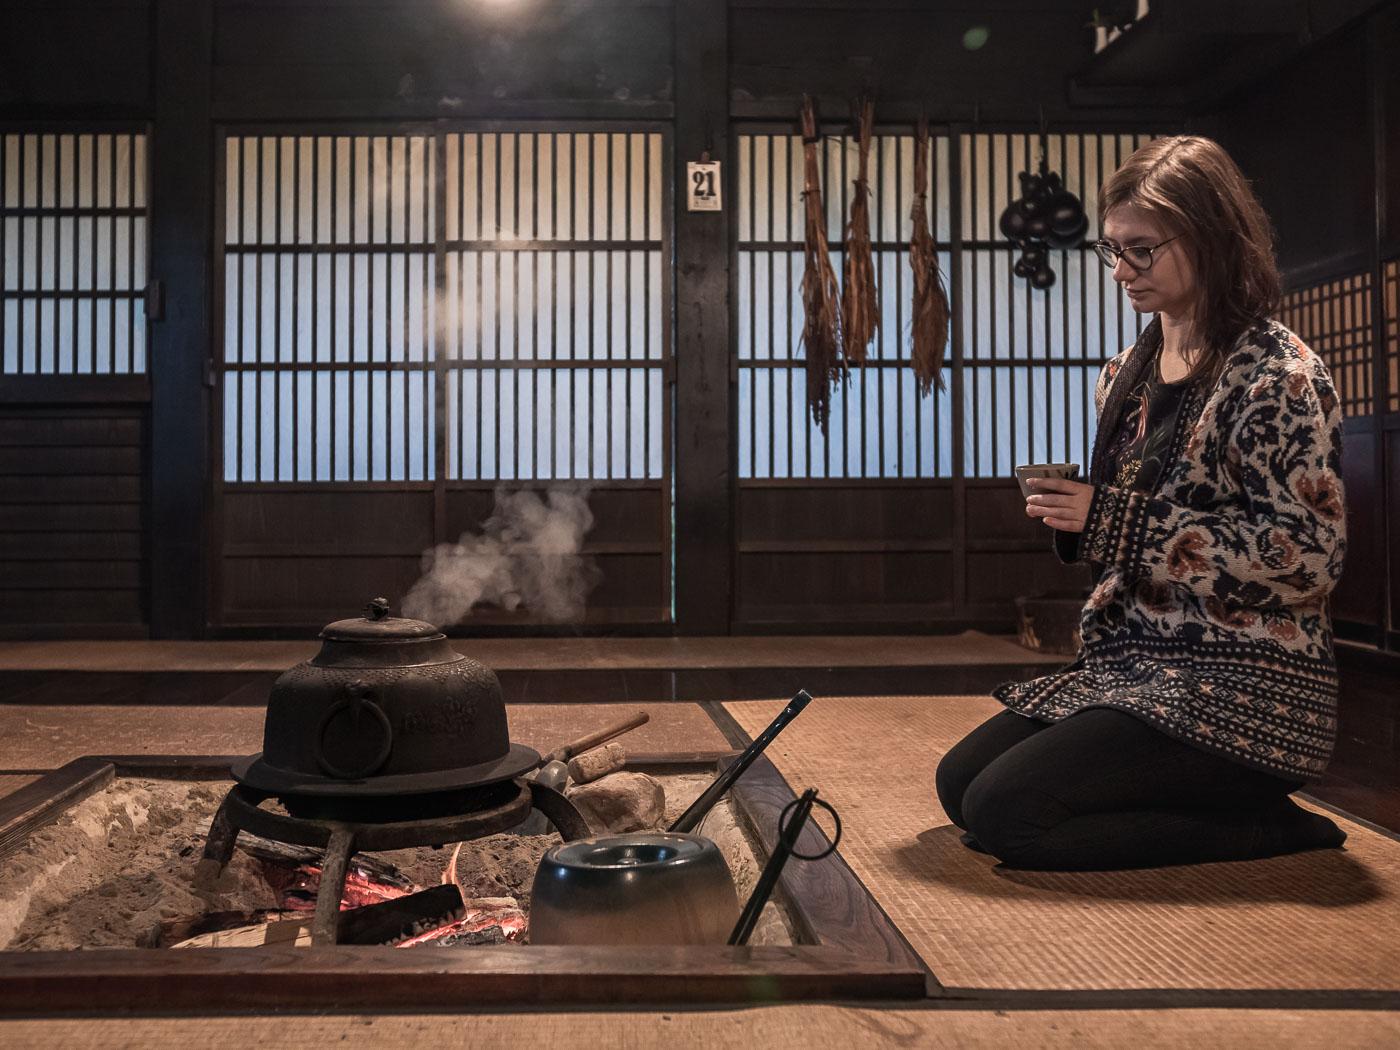 japonia shirakawa-go co zobaczyć